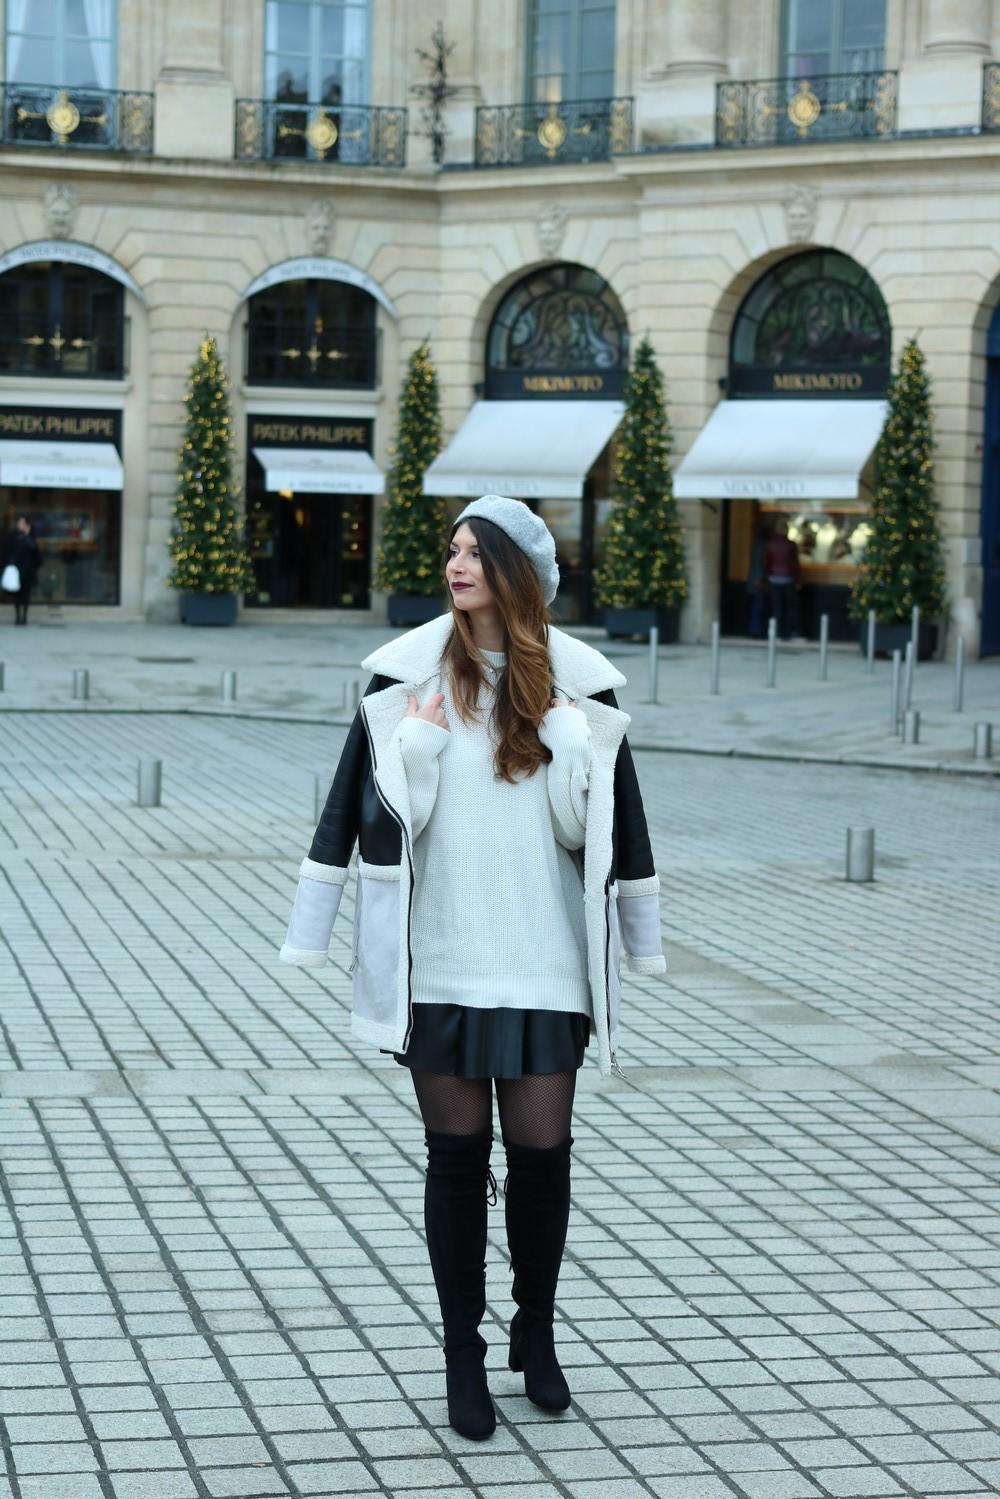 Manteau Stradivarius, cuissardes, béret et jupe en cuir